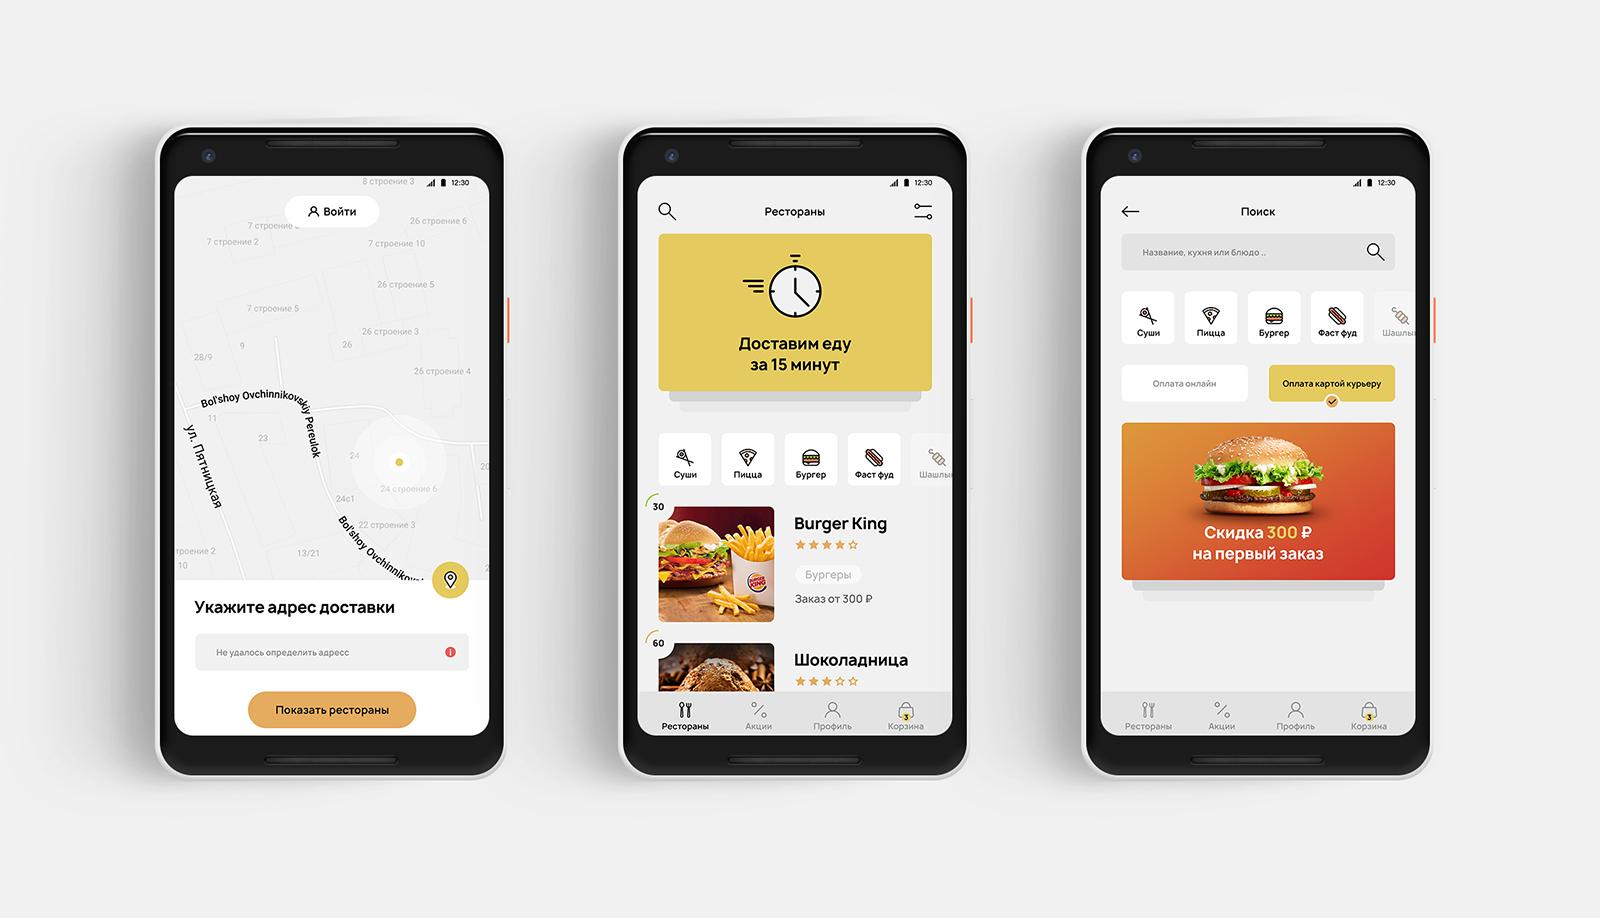 Приложение Доставка Еды Android/iOS